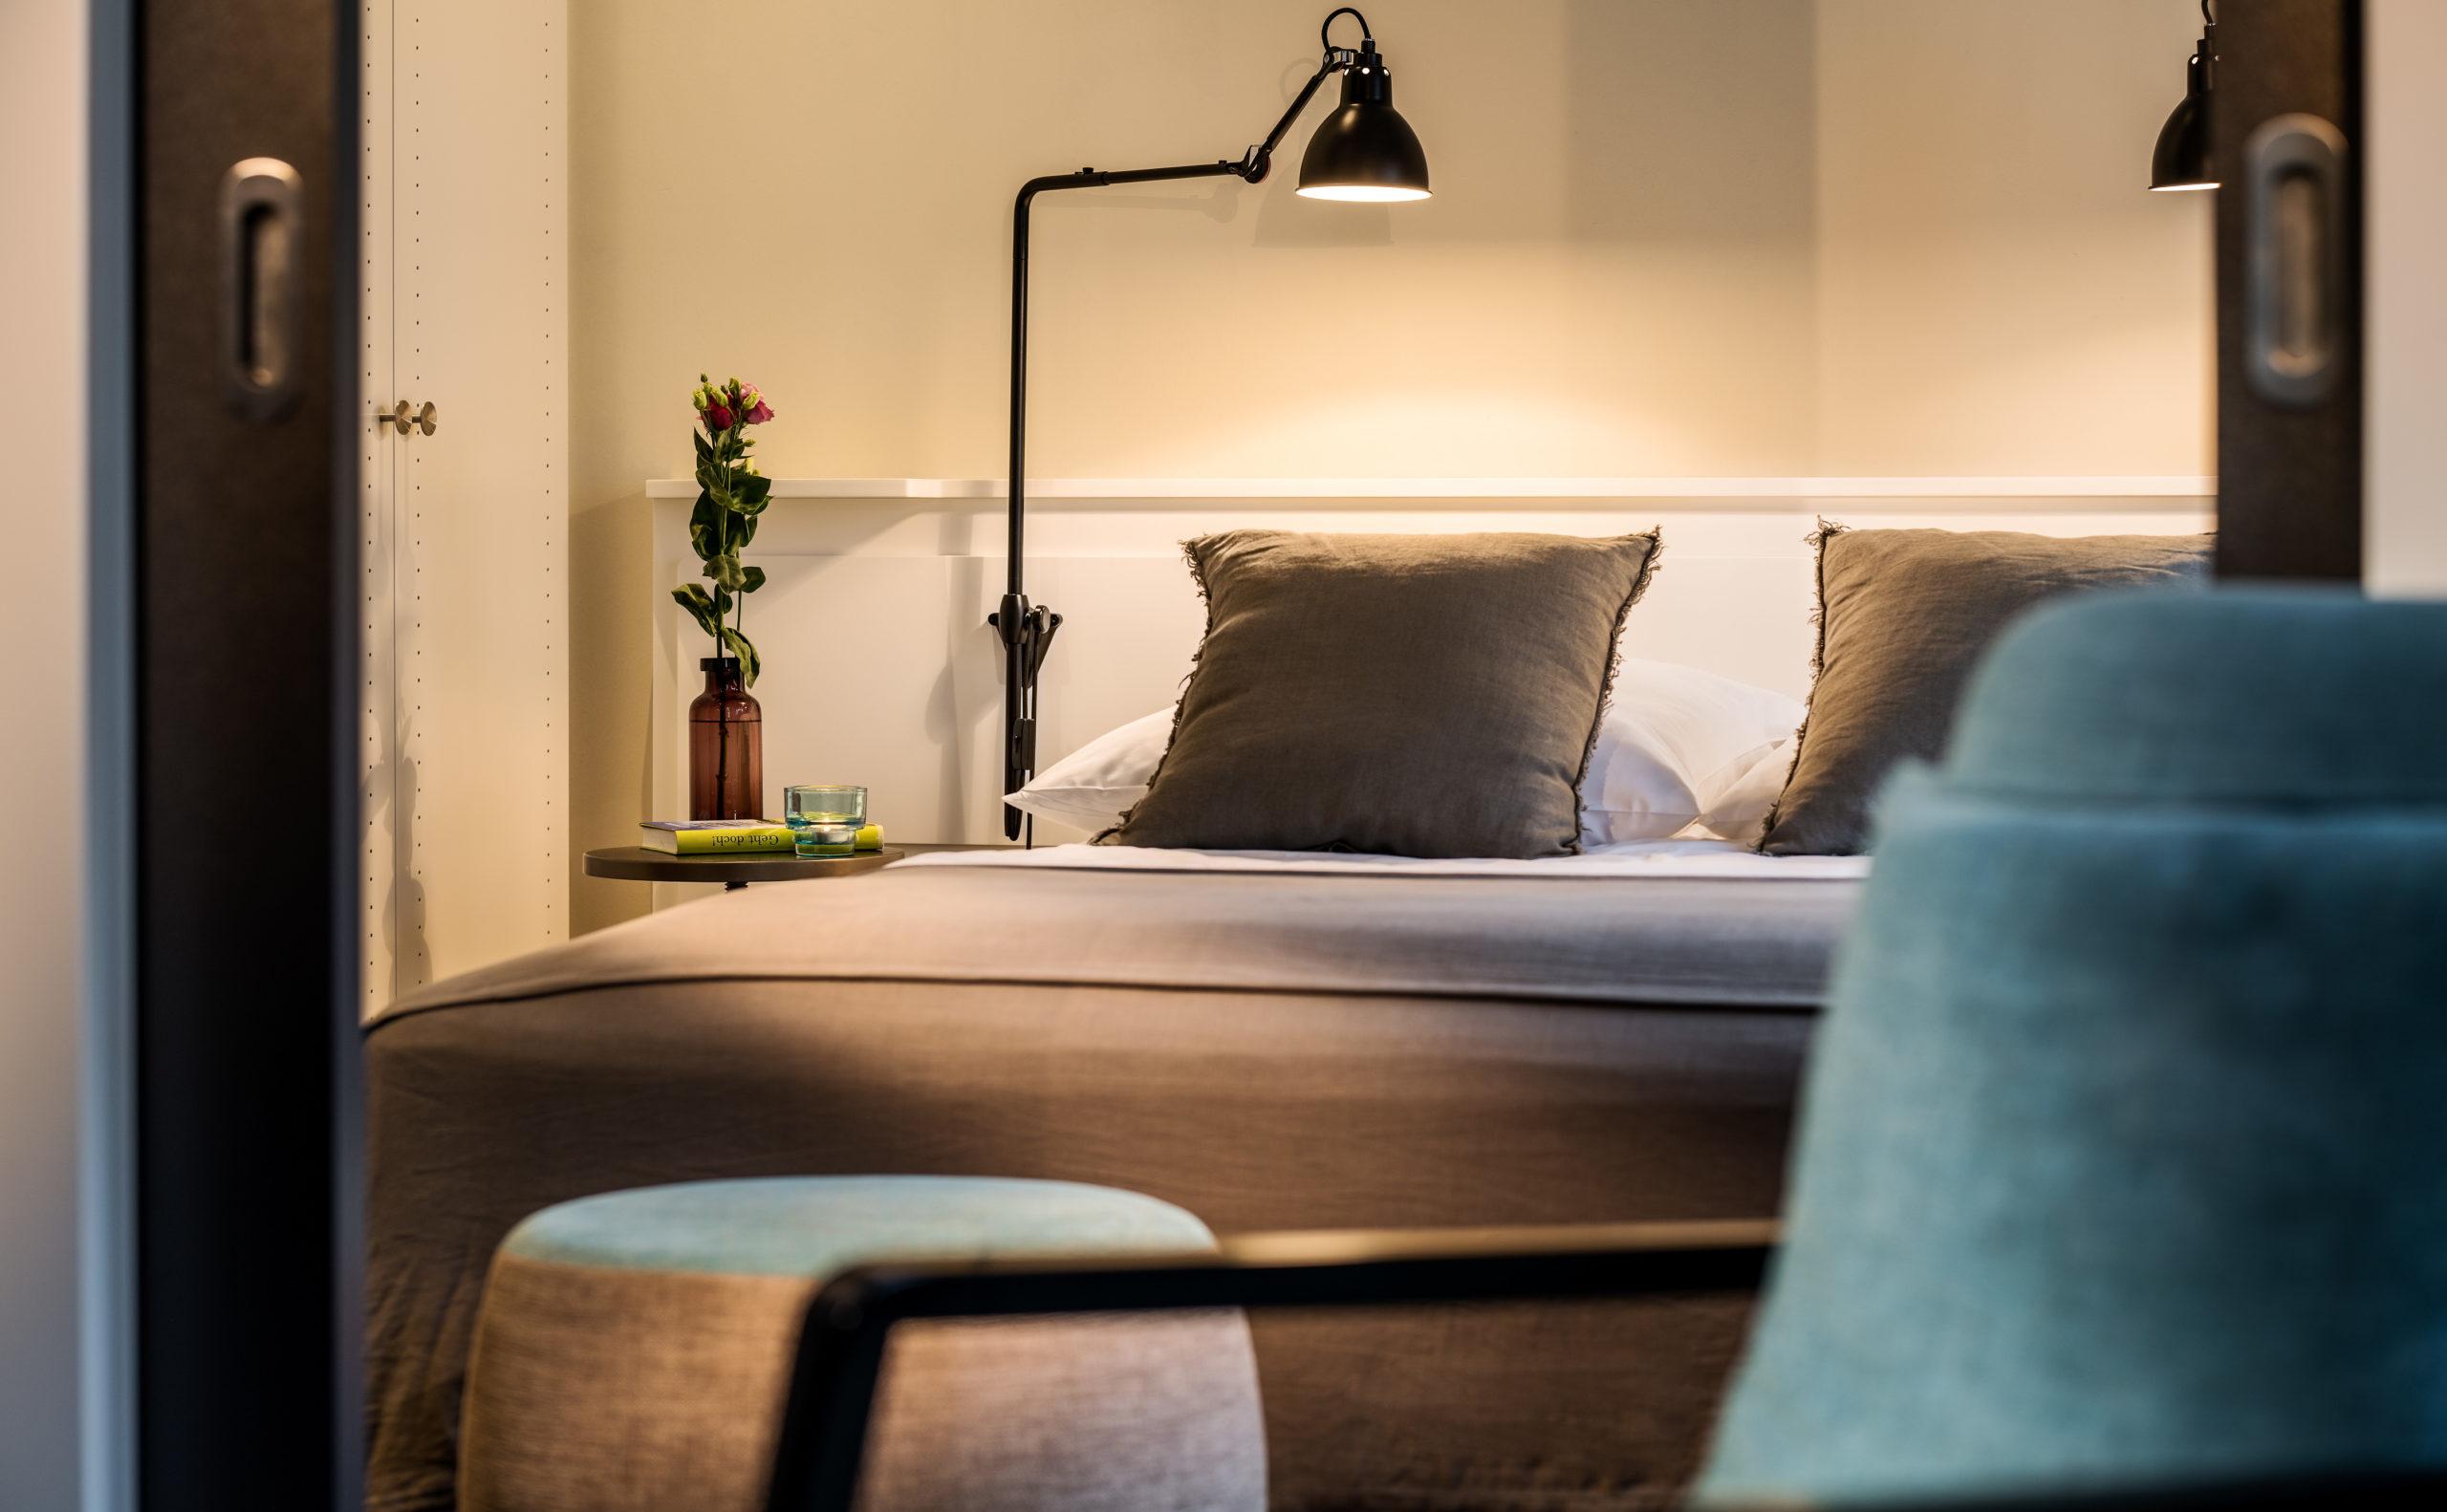 Wohnen auf Zeit im Apartmenthotel & Boardinghouse Apartment040: unsere Junior Suite in Hamburg mieten